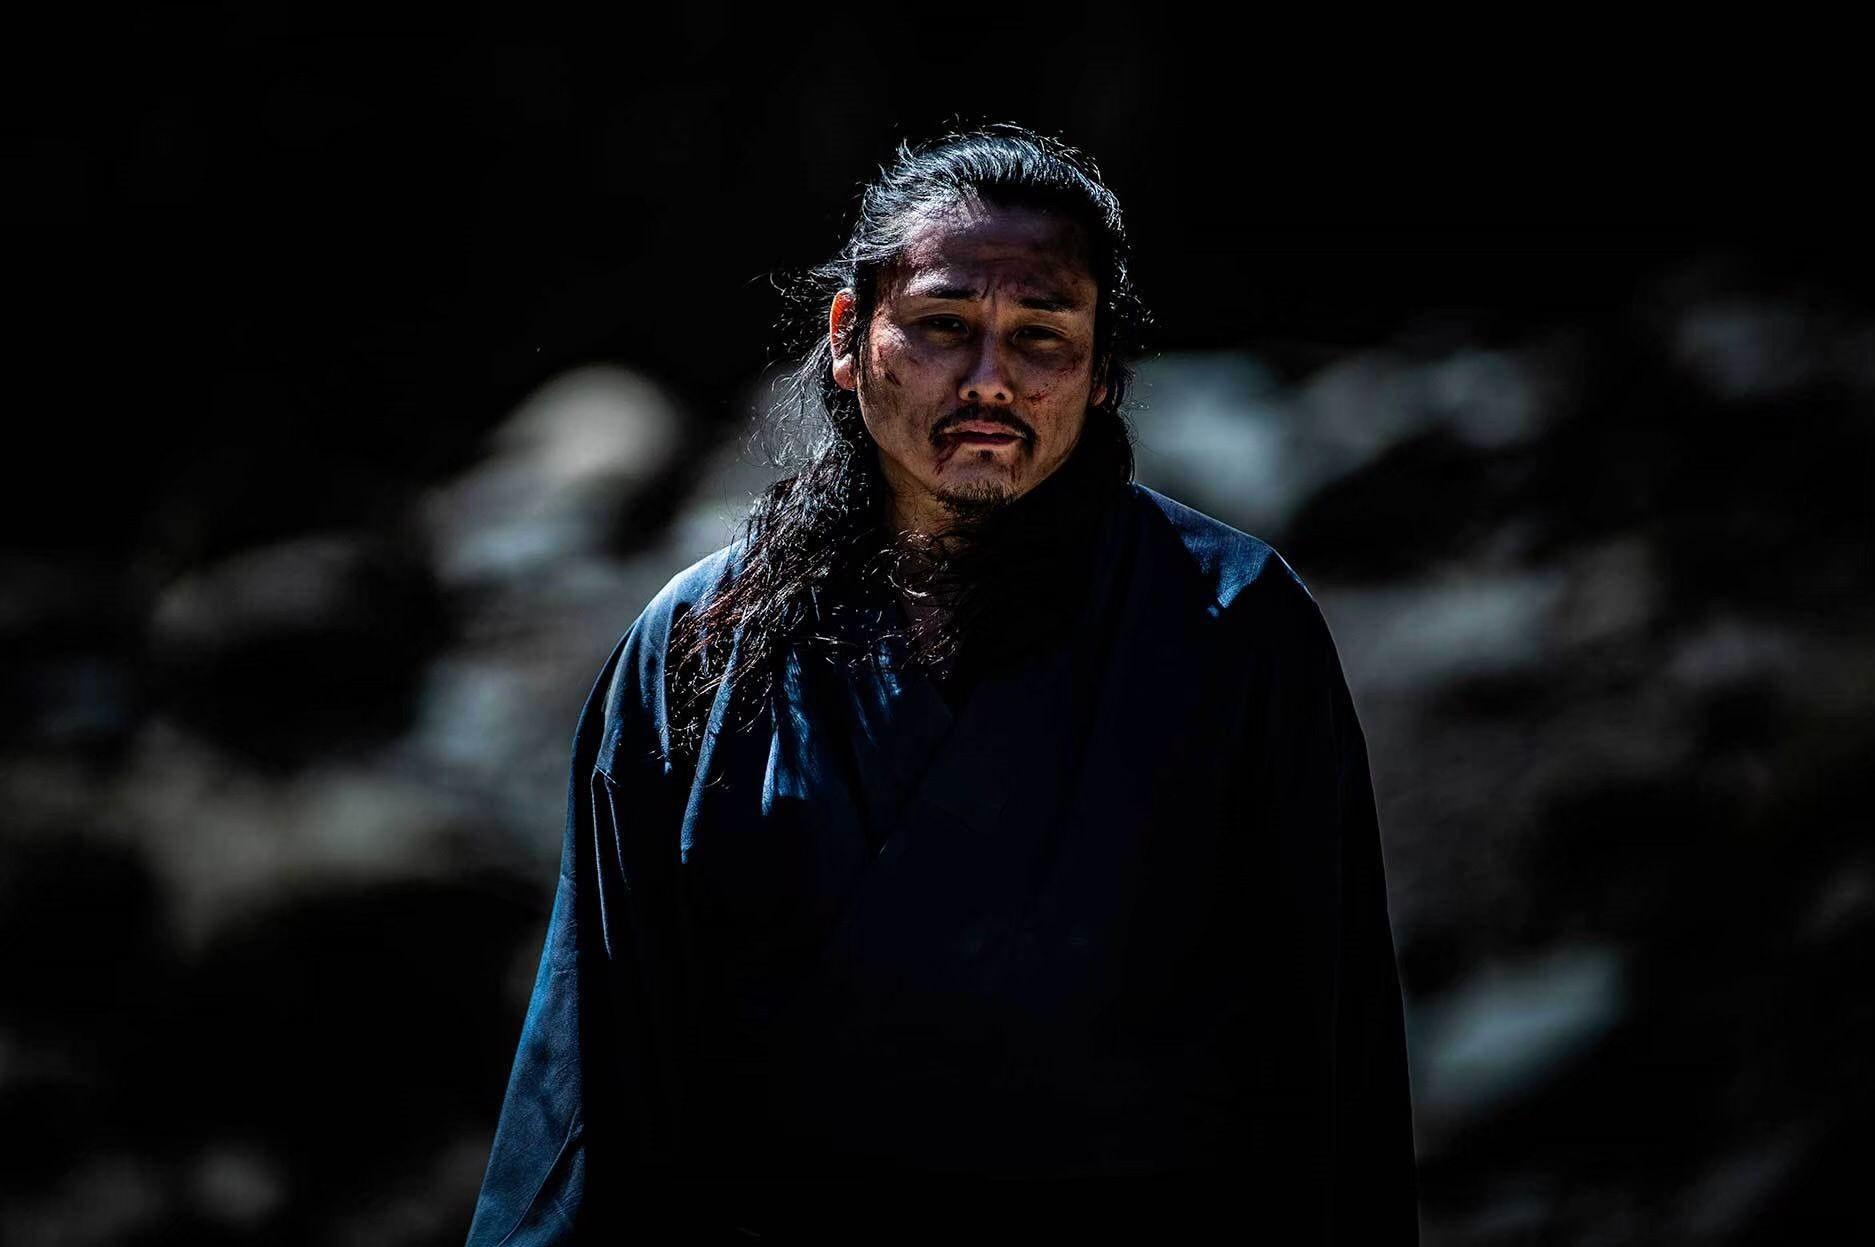 Crazy Samurai Musashi 4